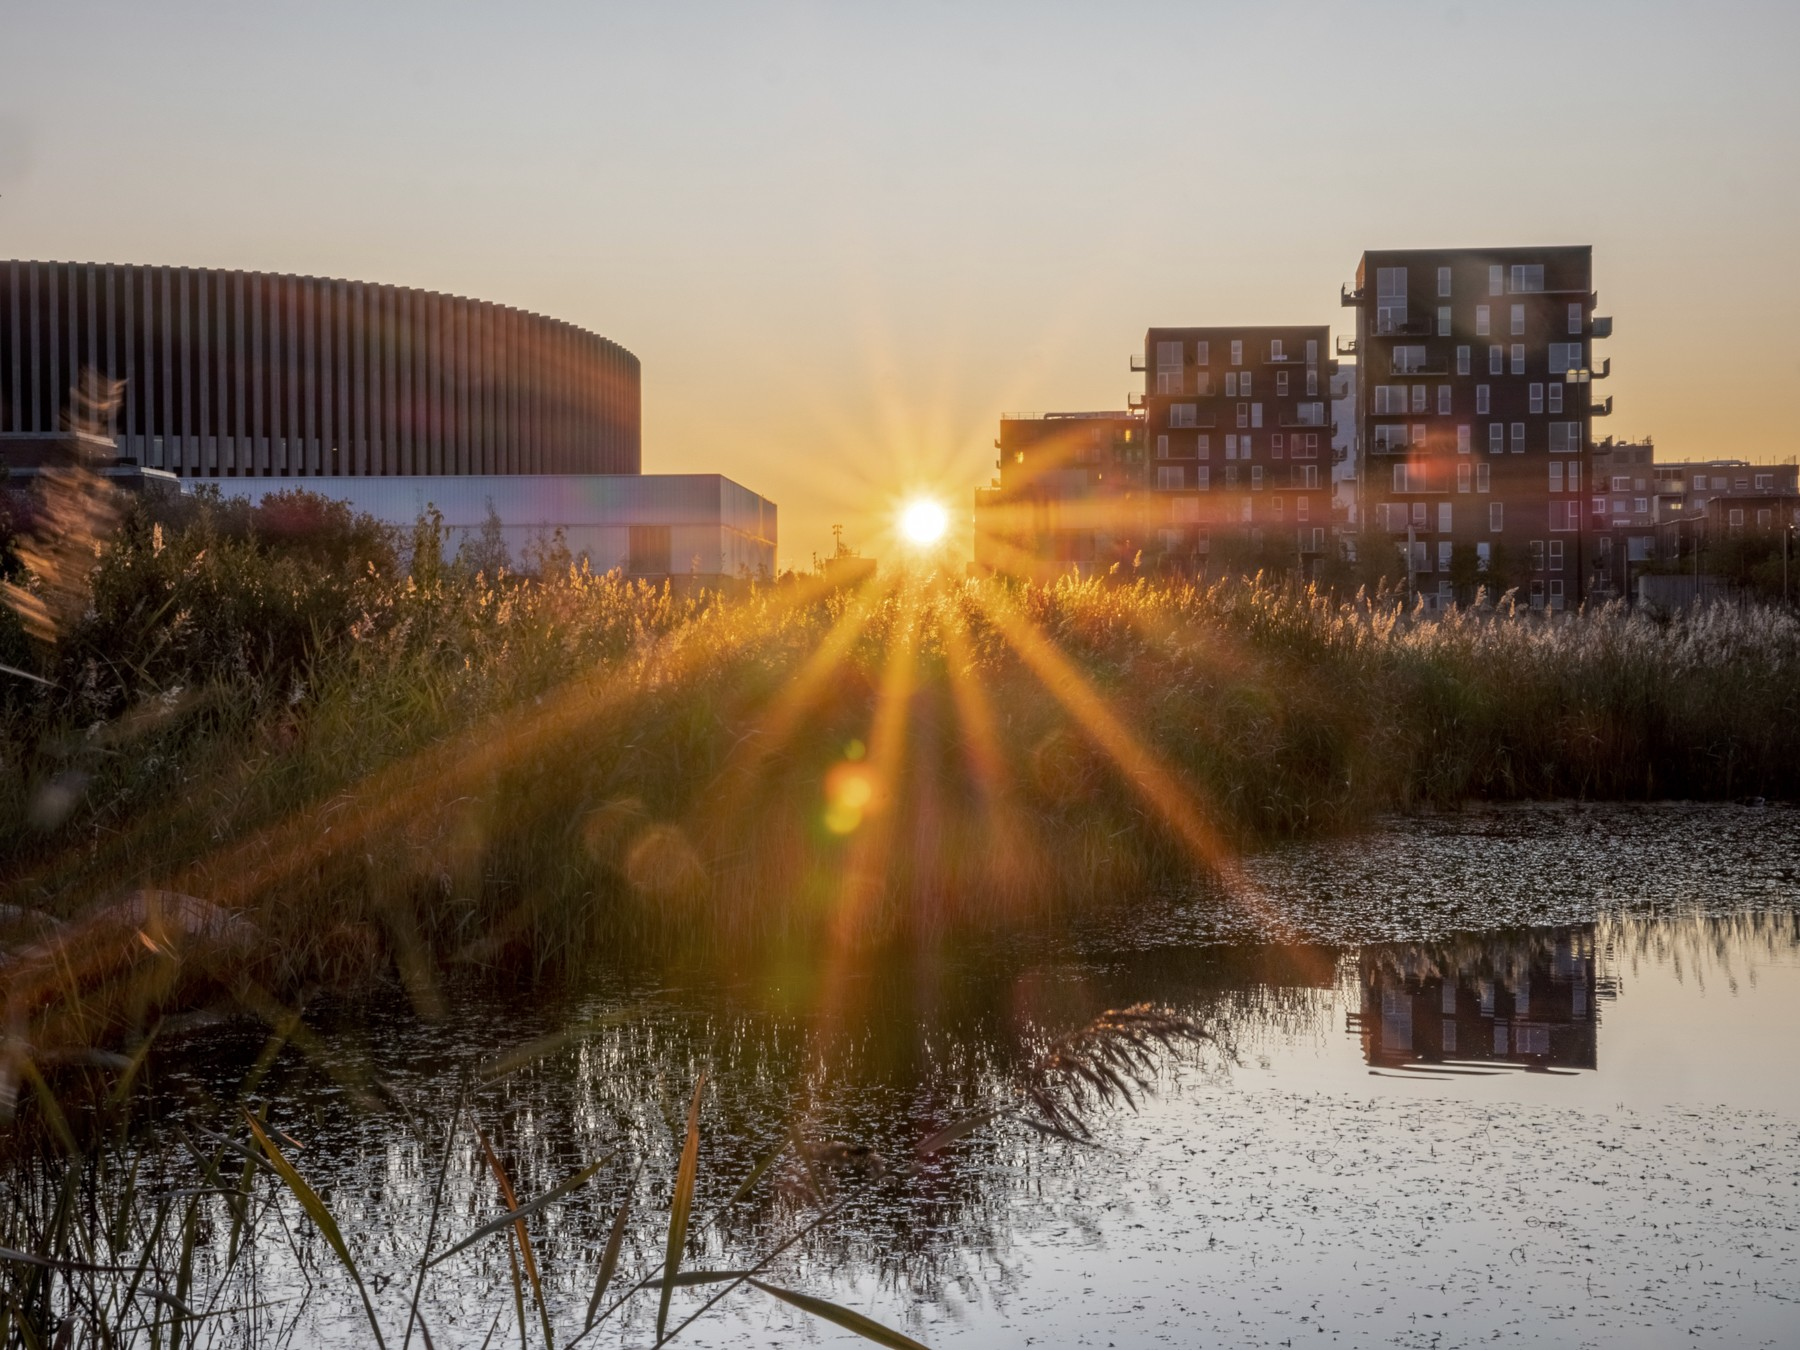 Solen står op bag Kalvebod Fælled Skole